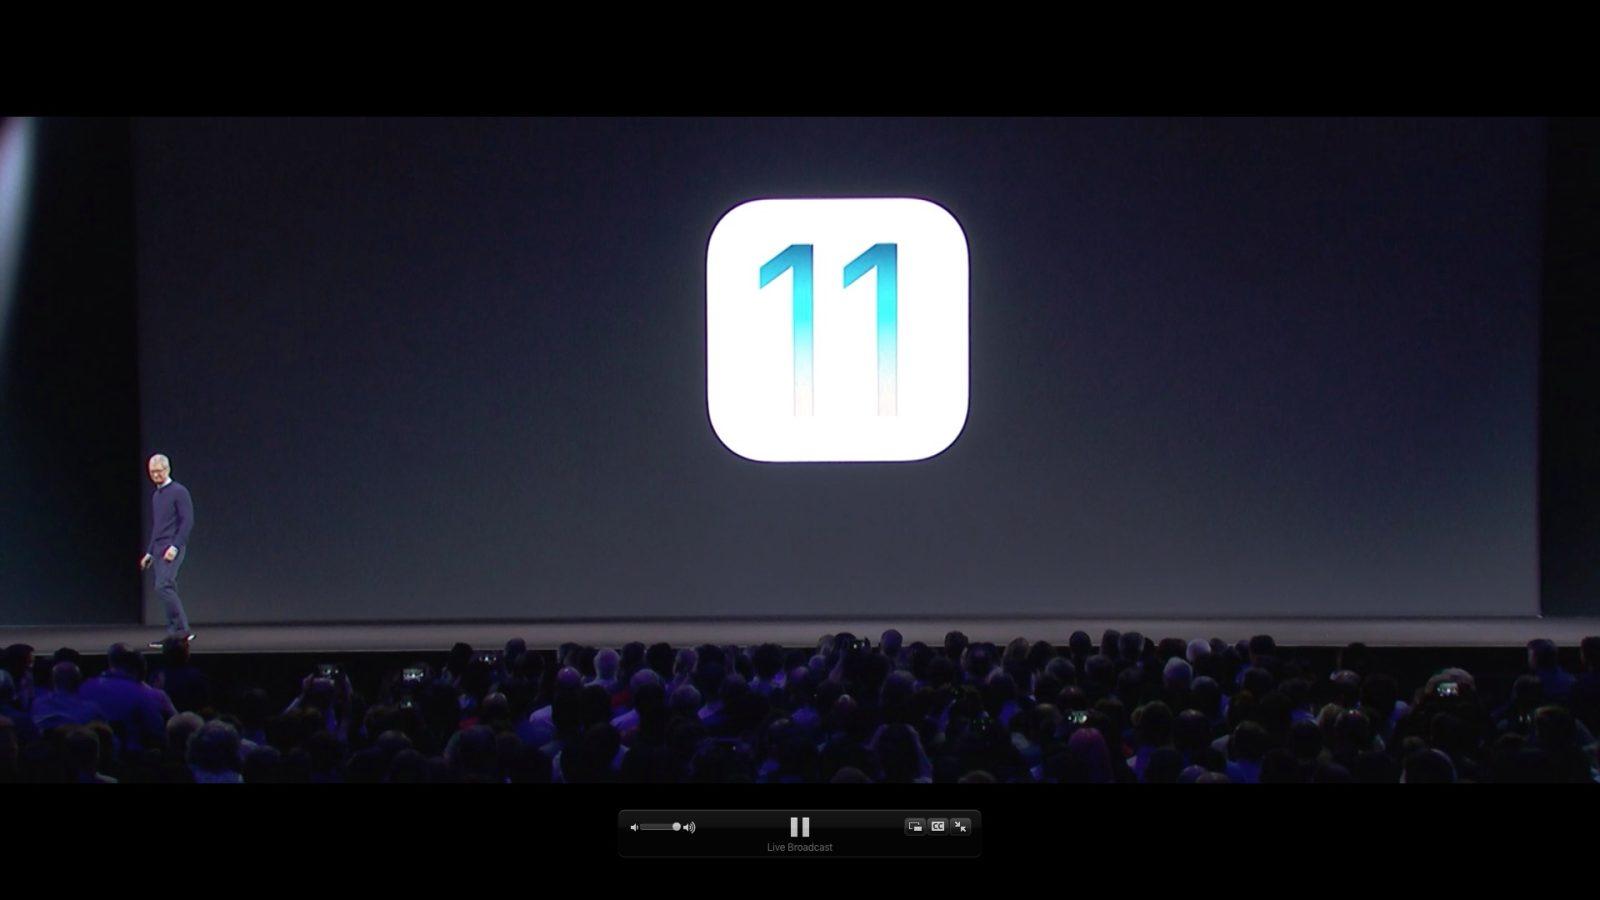 Inilah Daftar iPhone, iPad, dan iPod yang Dapat iOS 11